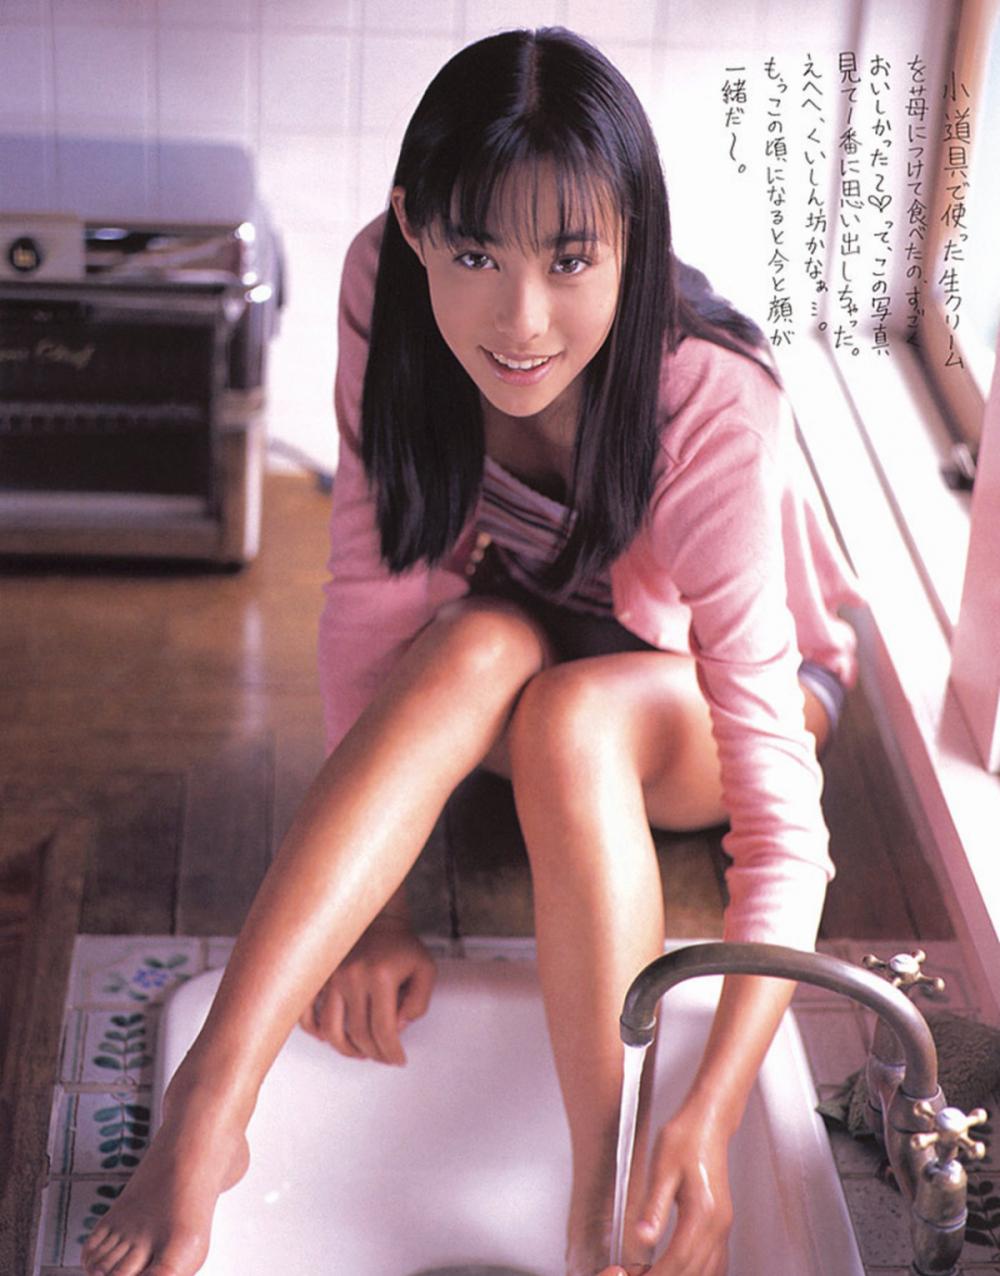 被锁在保险柜里的日本艺人吹石一惠的写真作品 (13)